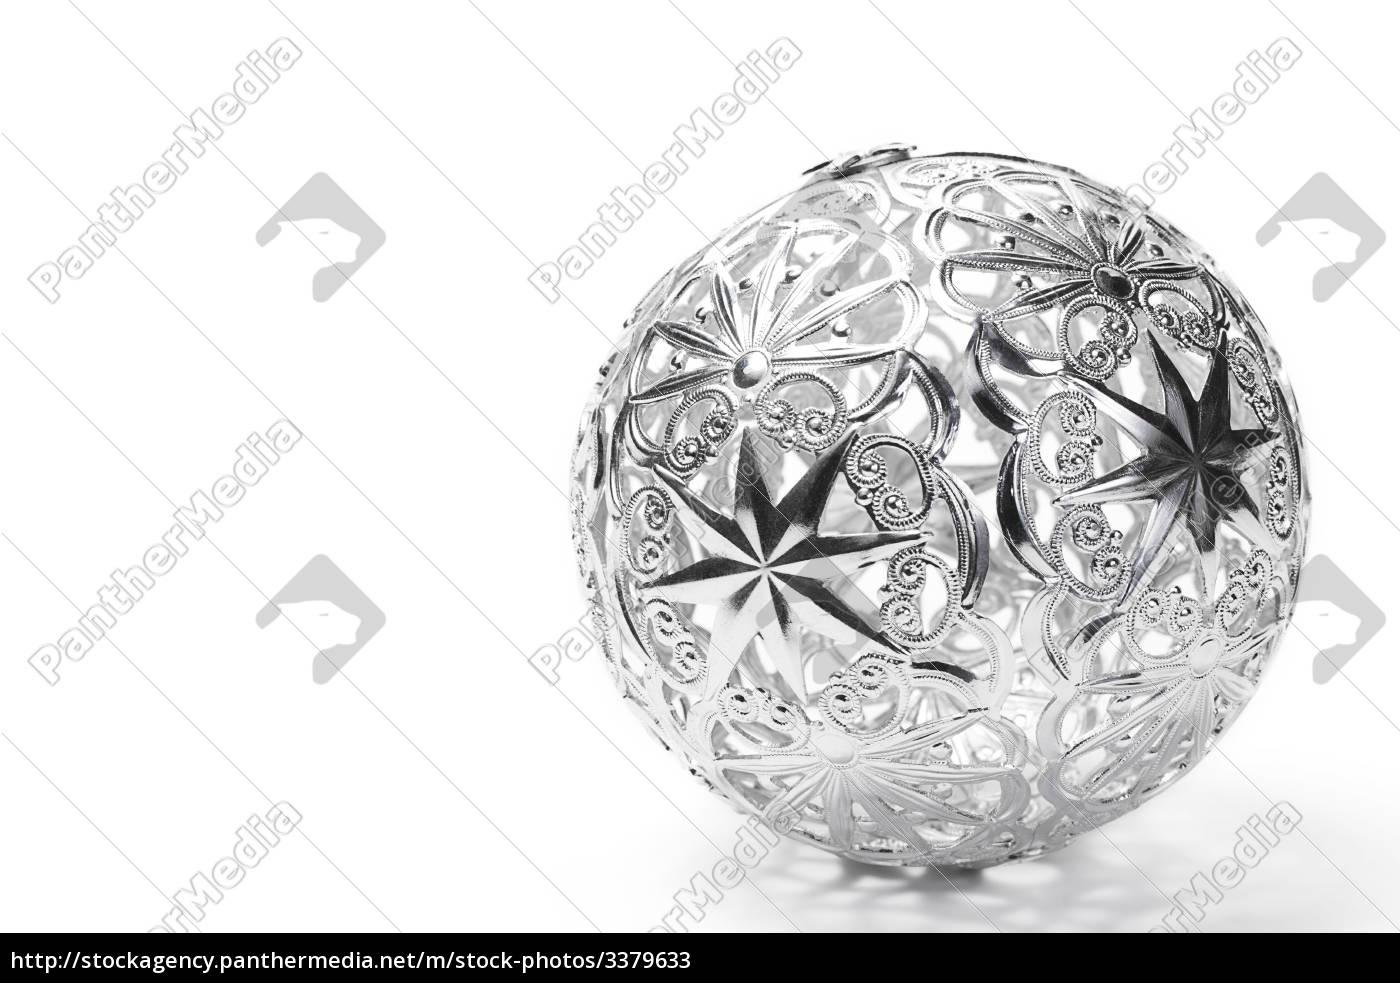 Christbaumkugeln Metall.Lizenzfreies Bild 3379633 Christbaumkugel Aus Metall